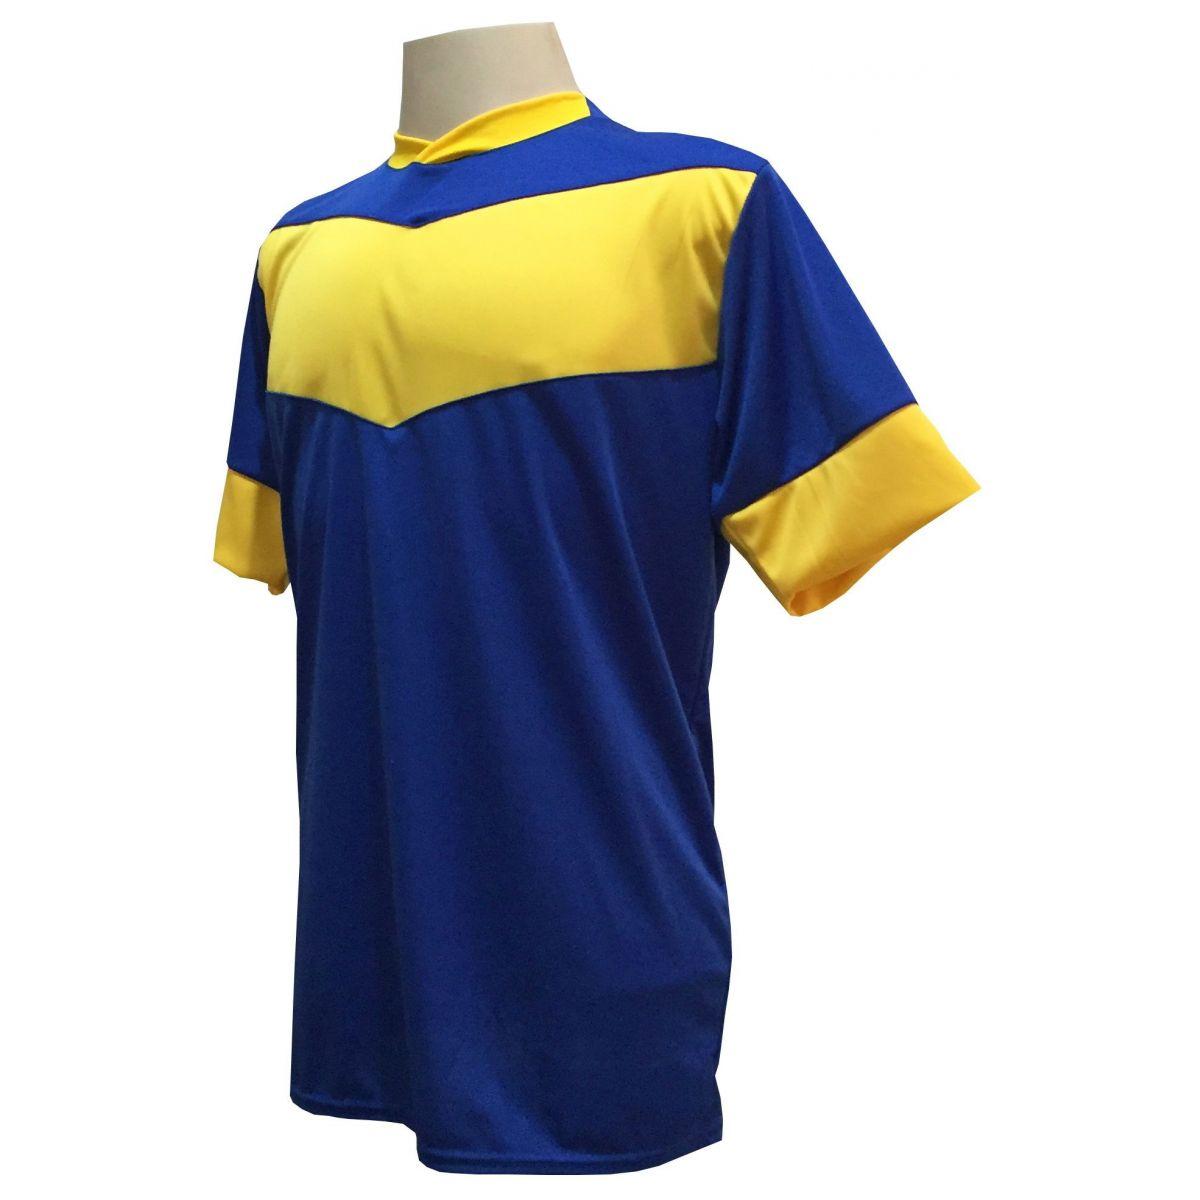 Jogo de Camisa com 18 unidades modelo Columbus Royal/Amarelo + Brindes